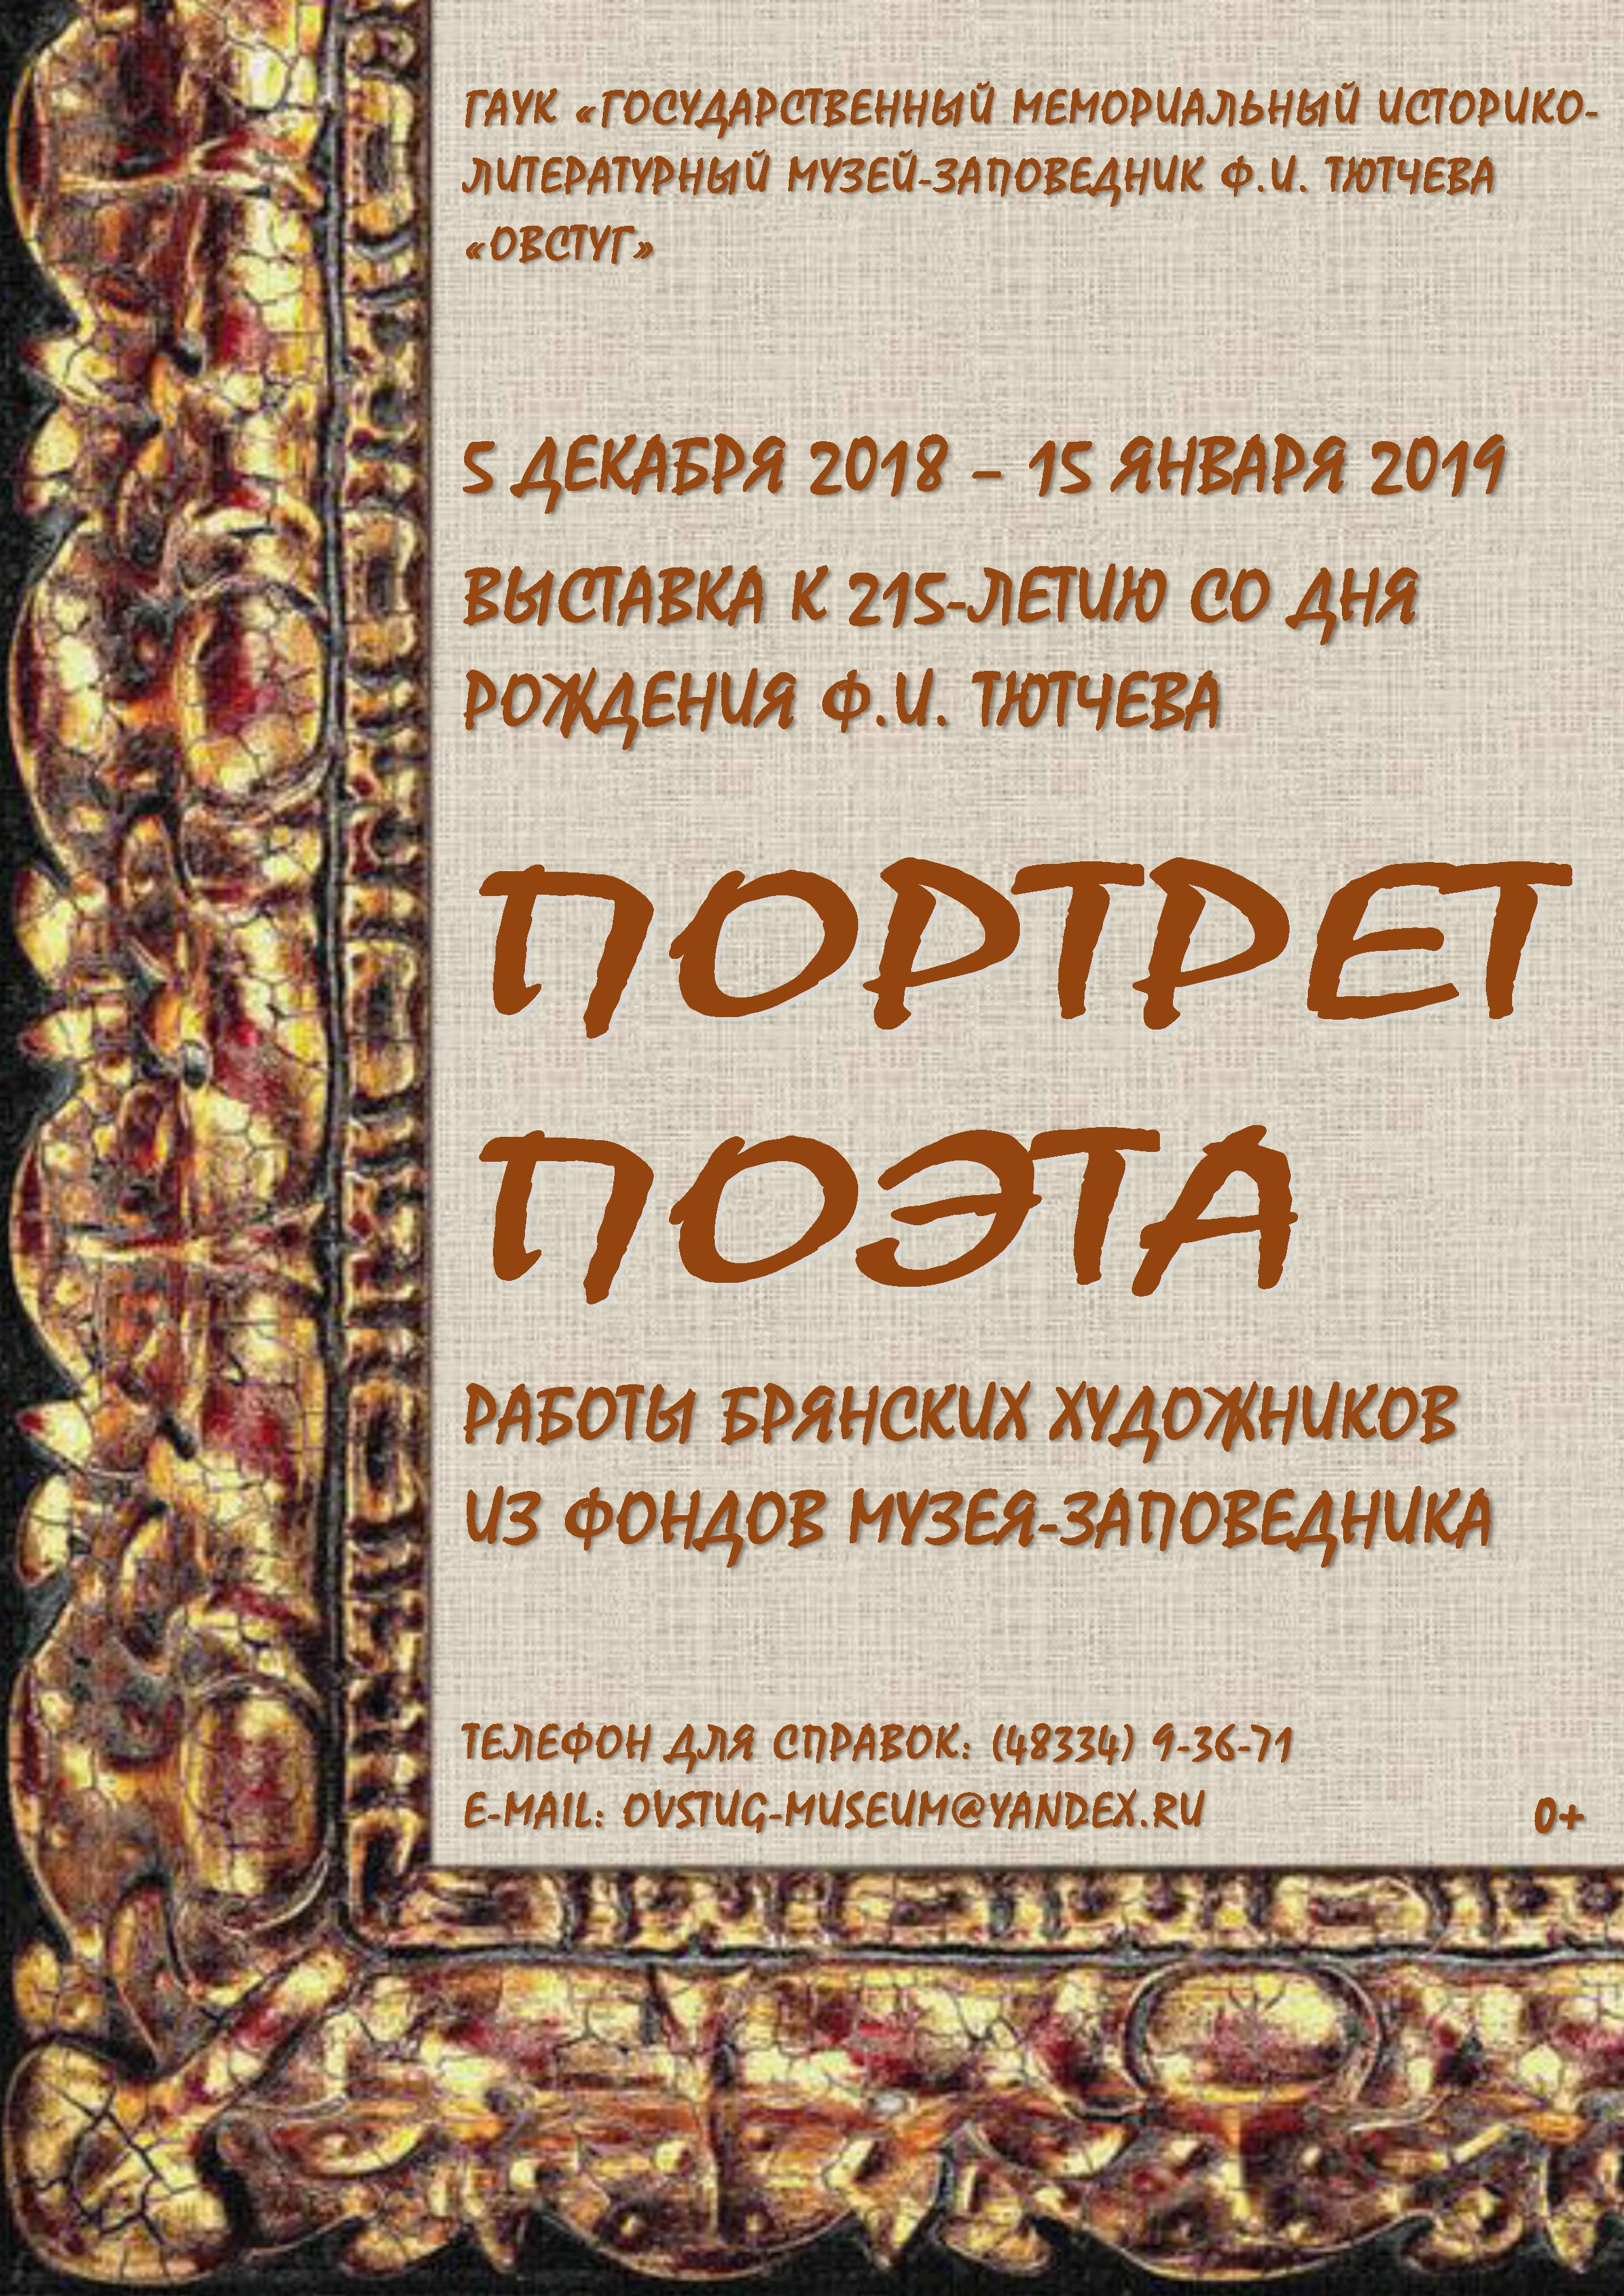 Выставка портретов Тютчева